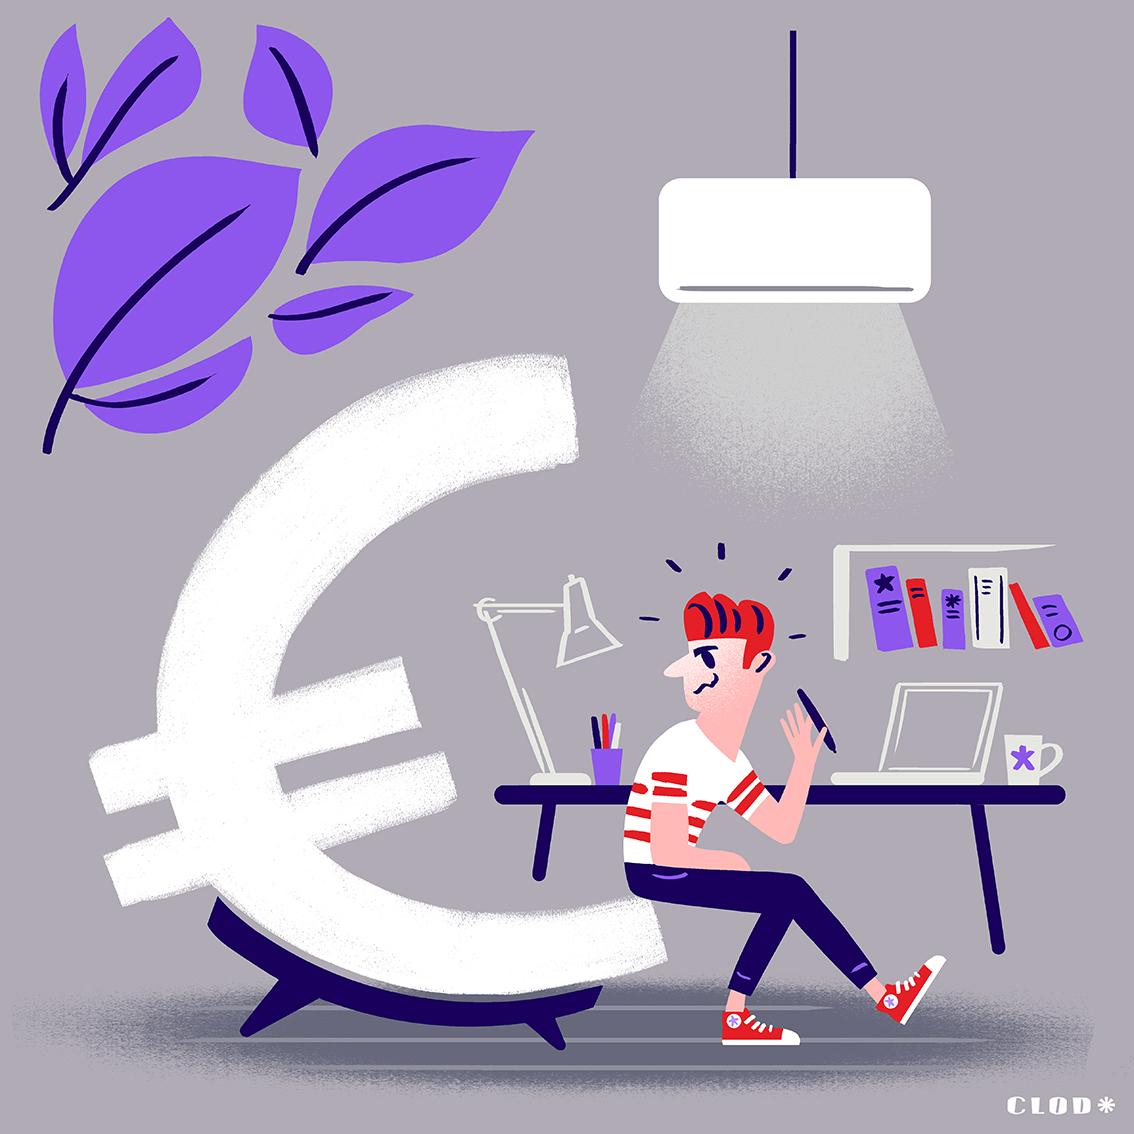 Clod illustration blog le rapport de l'illustrateur à l'argent